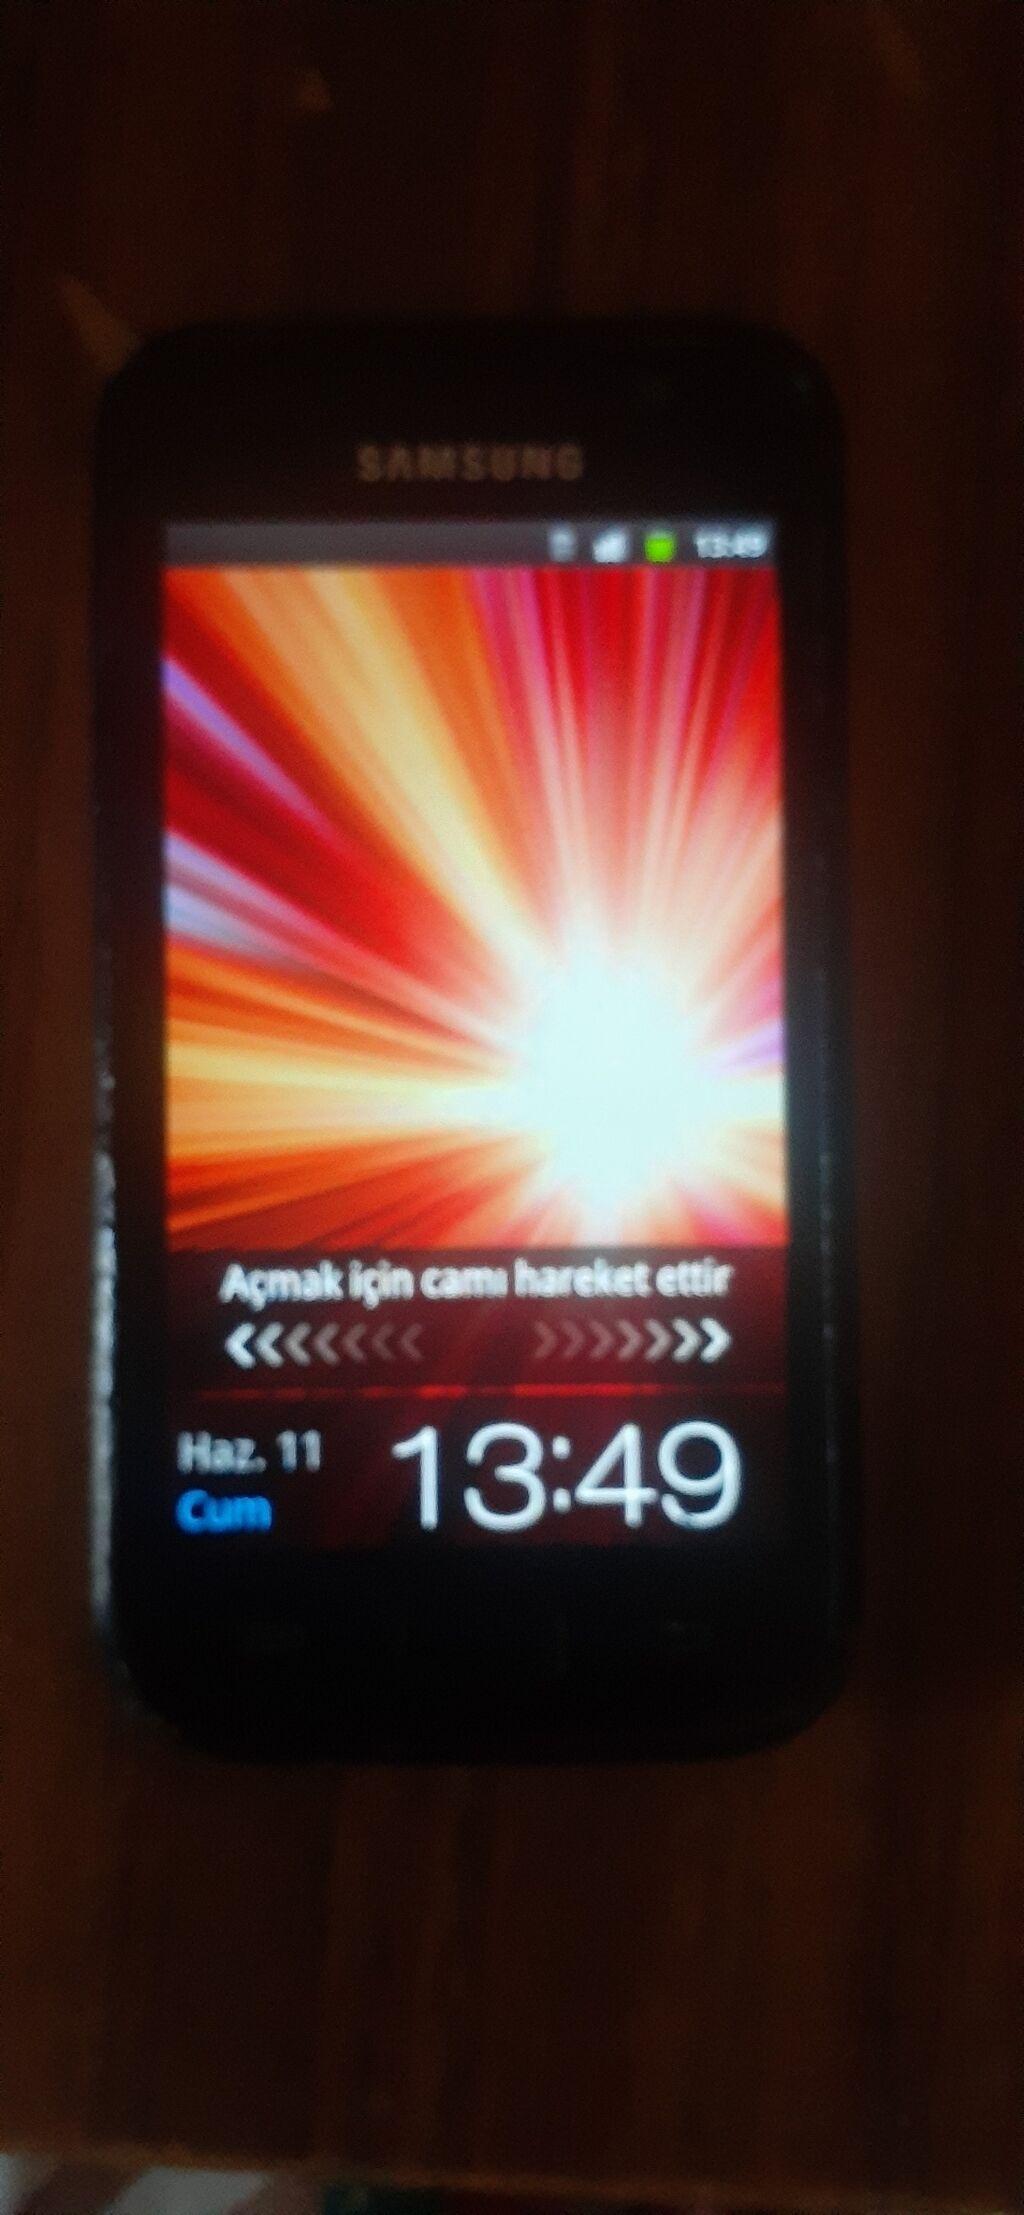 Samsung A300 | 8 GB | Qara | Zəmanət: Samsung A300 | 8 GB | Qara | Zəmanət